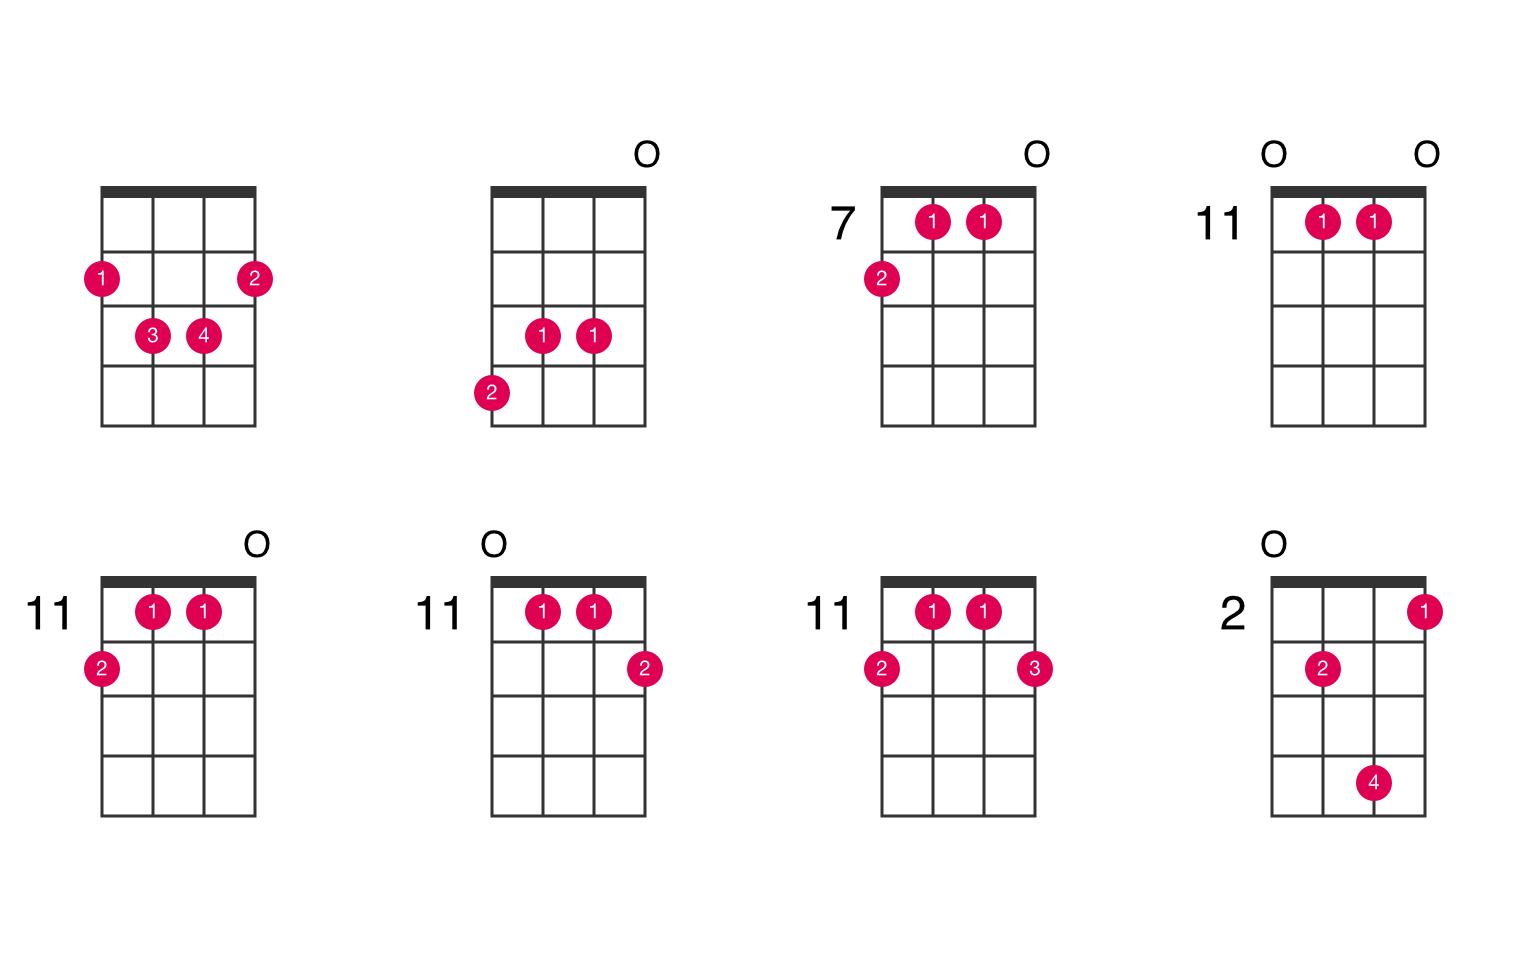 B augmented 7th ukulele chord - UkeLib Chords